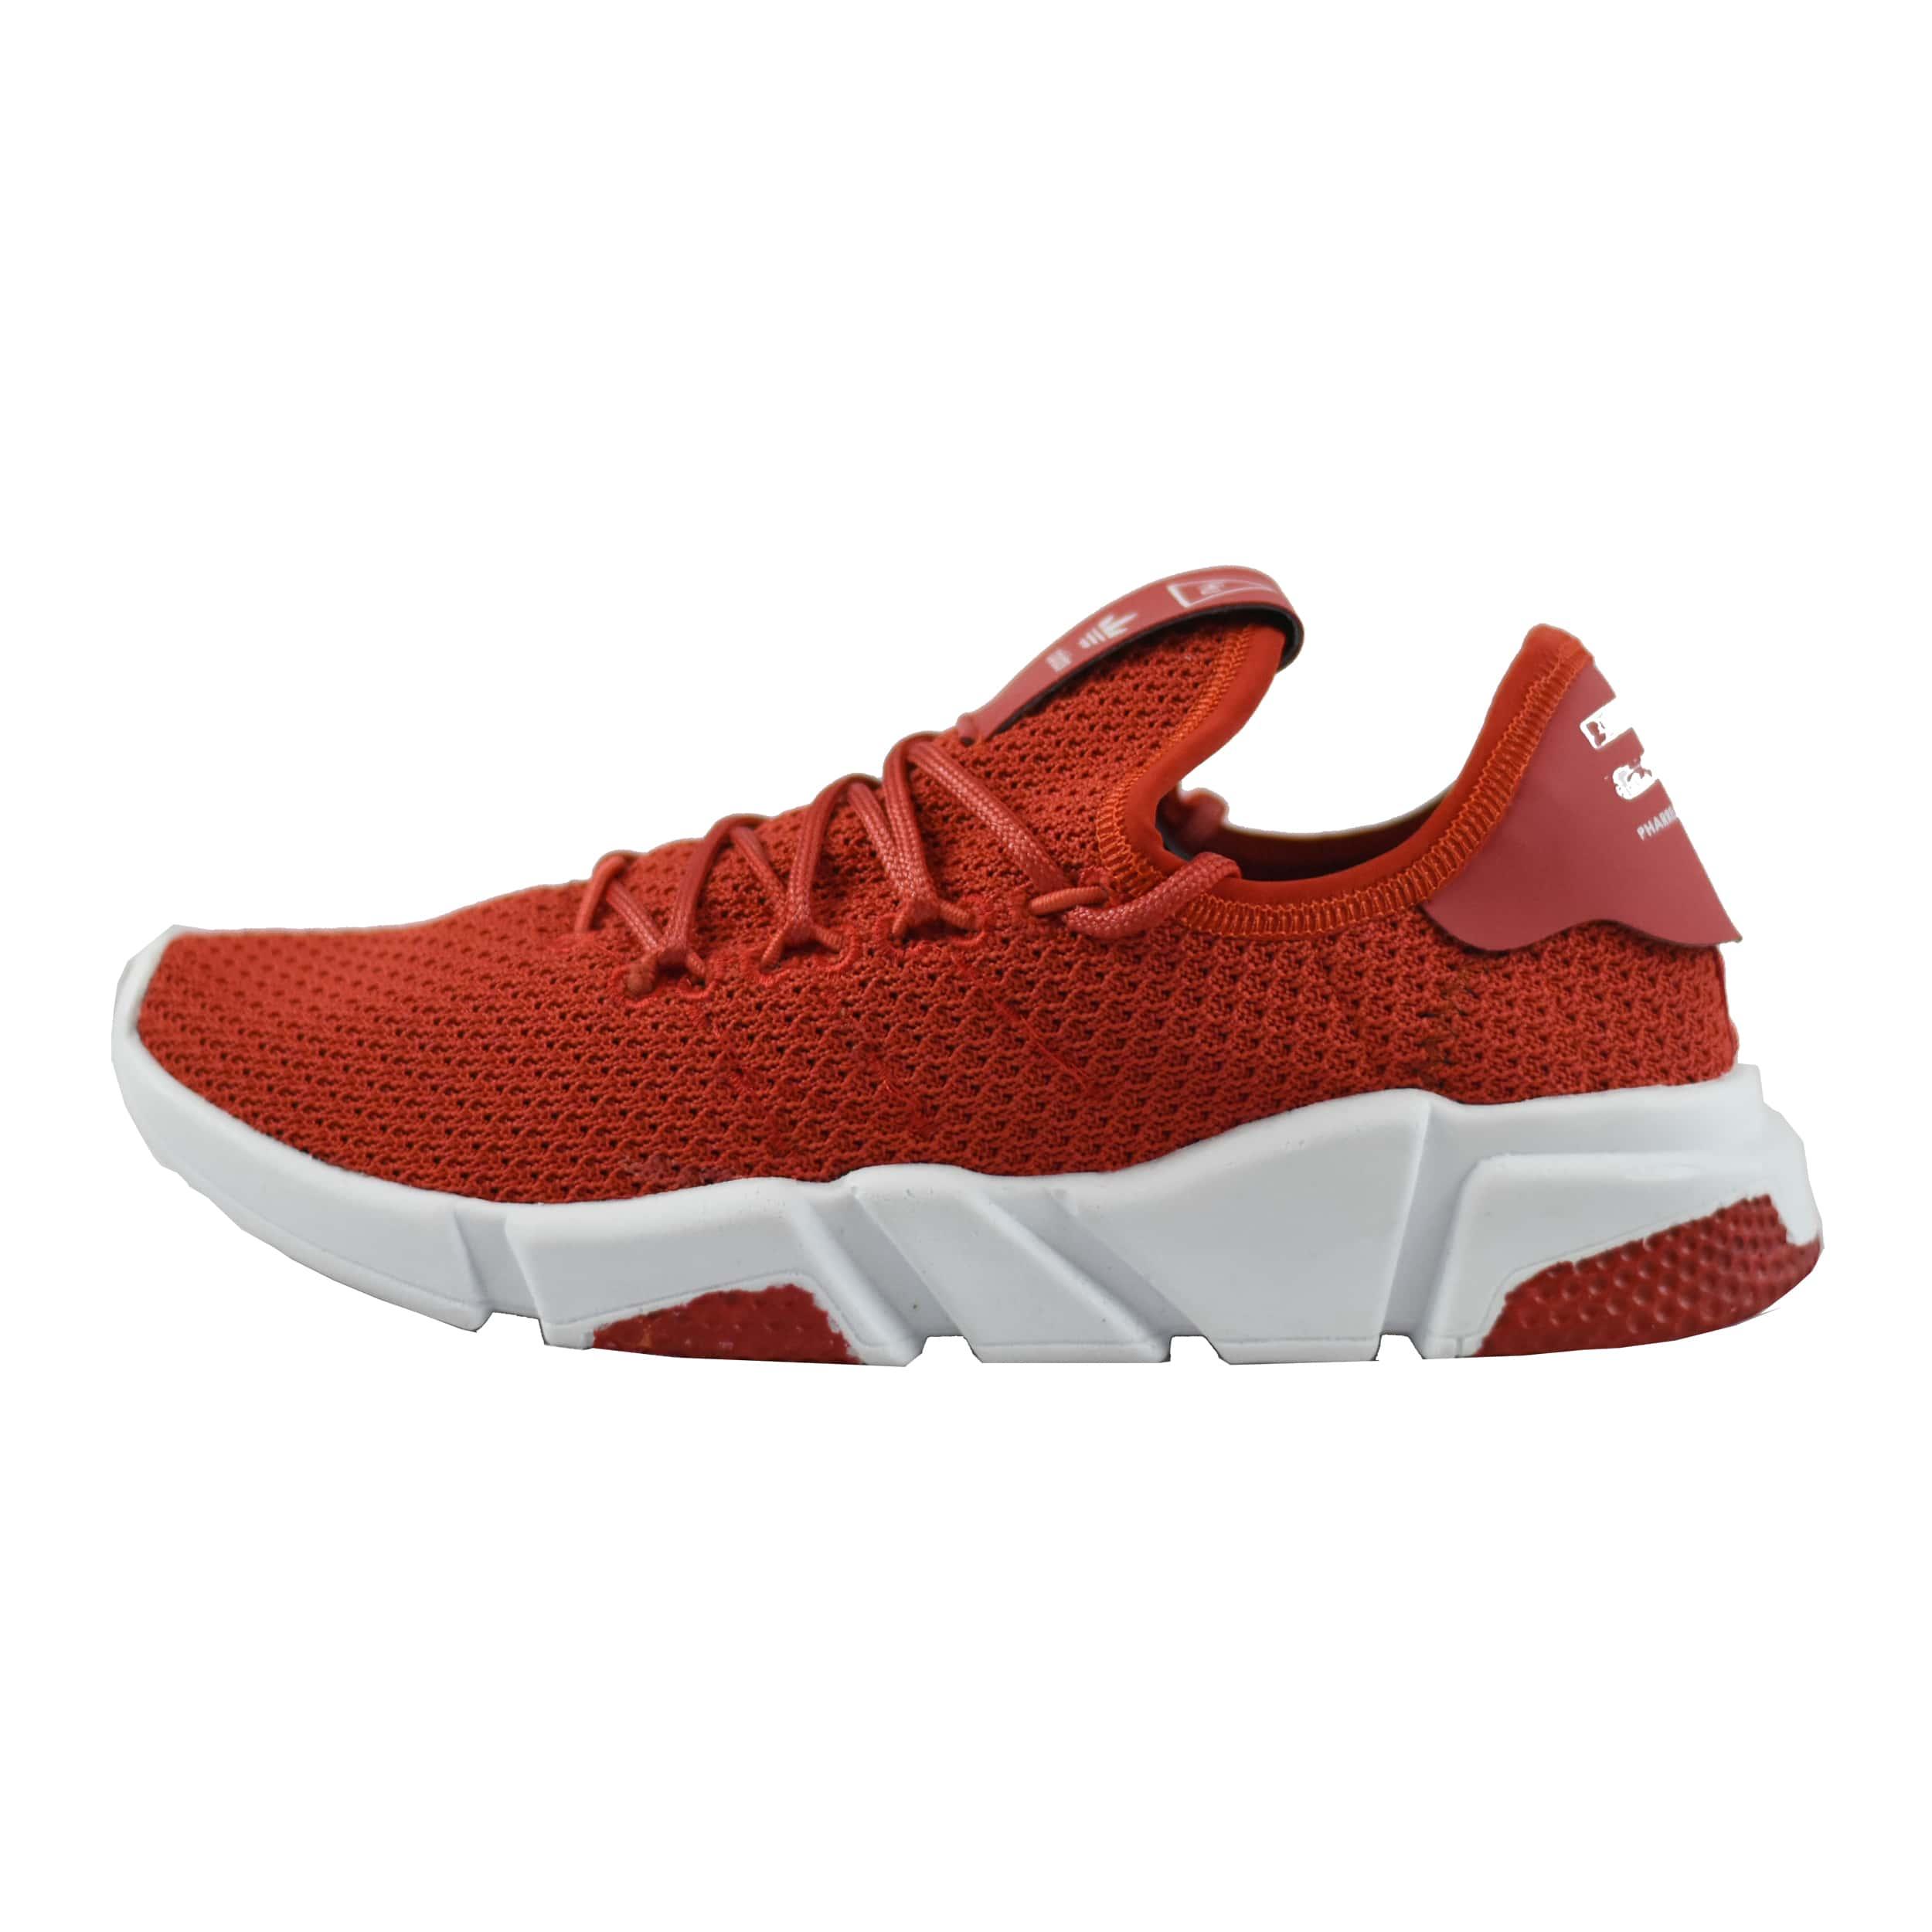 قیمت کفش مخصوص پیاده روی مردانه کد 150